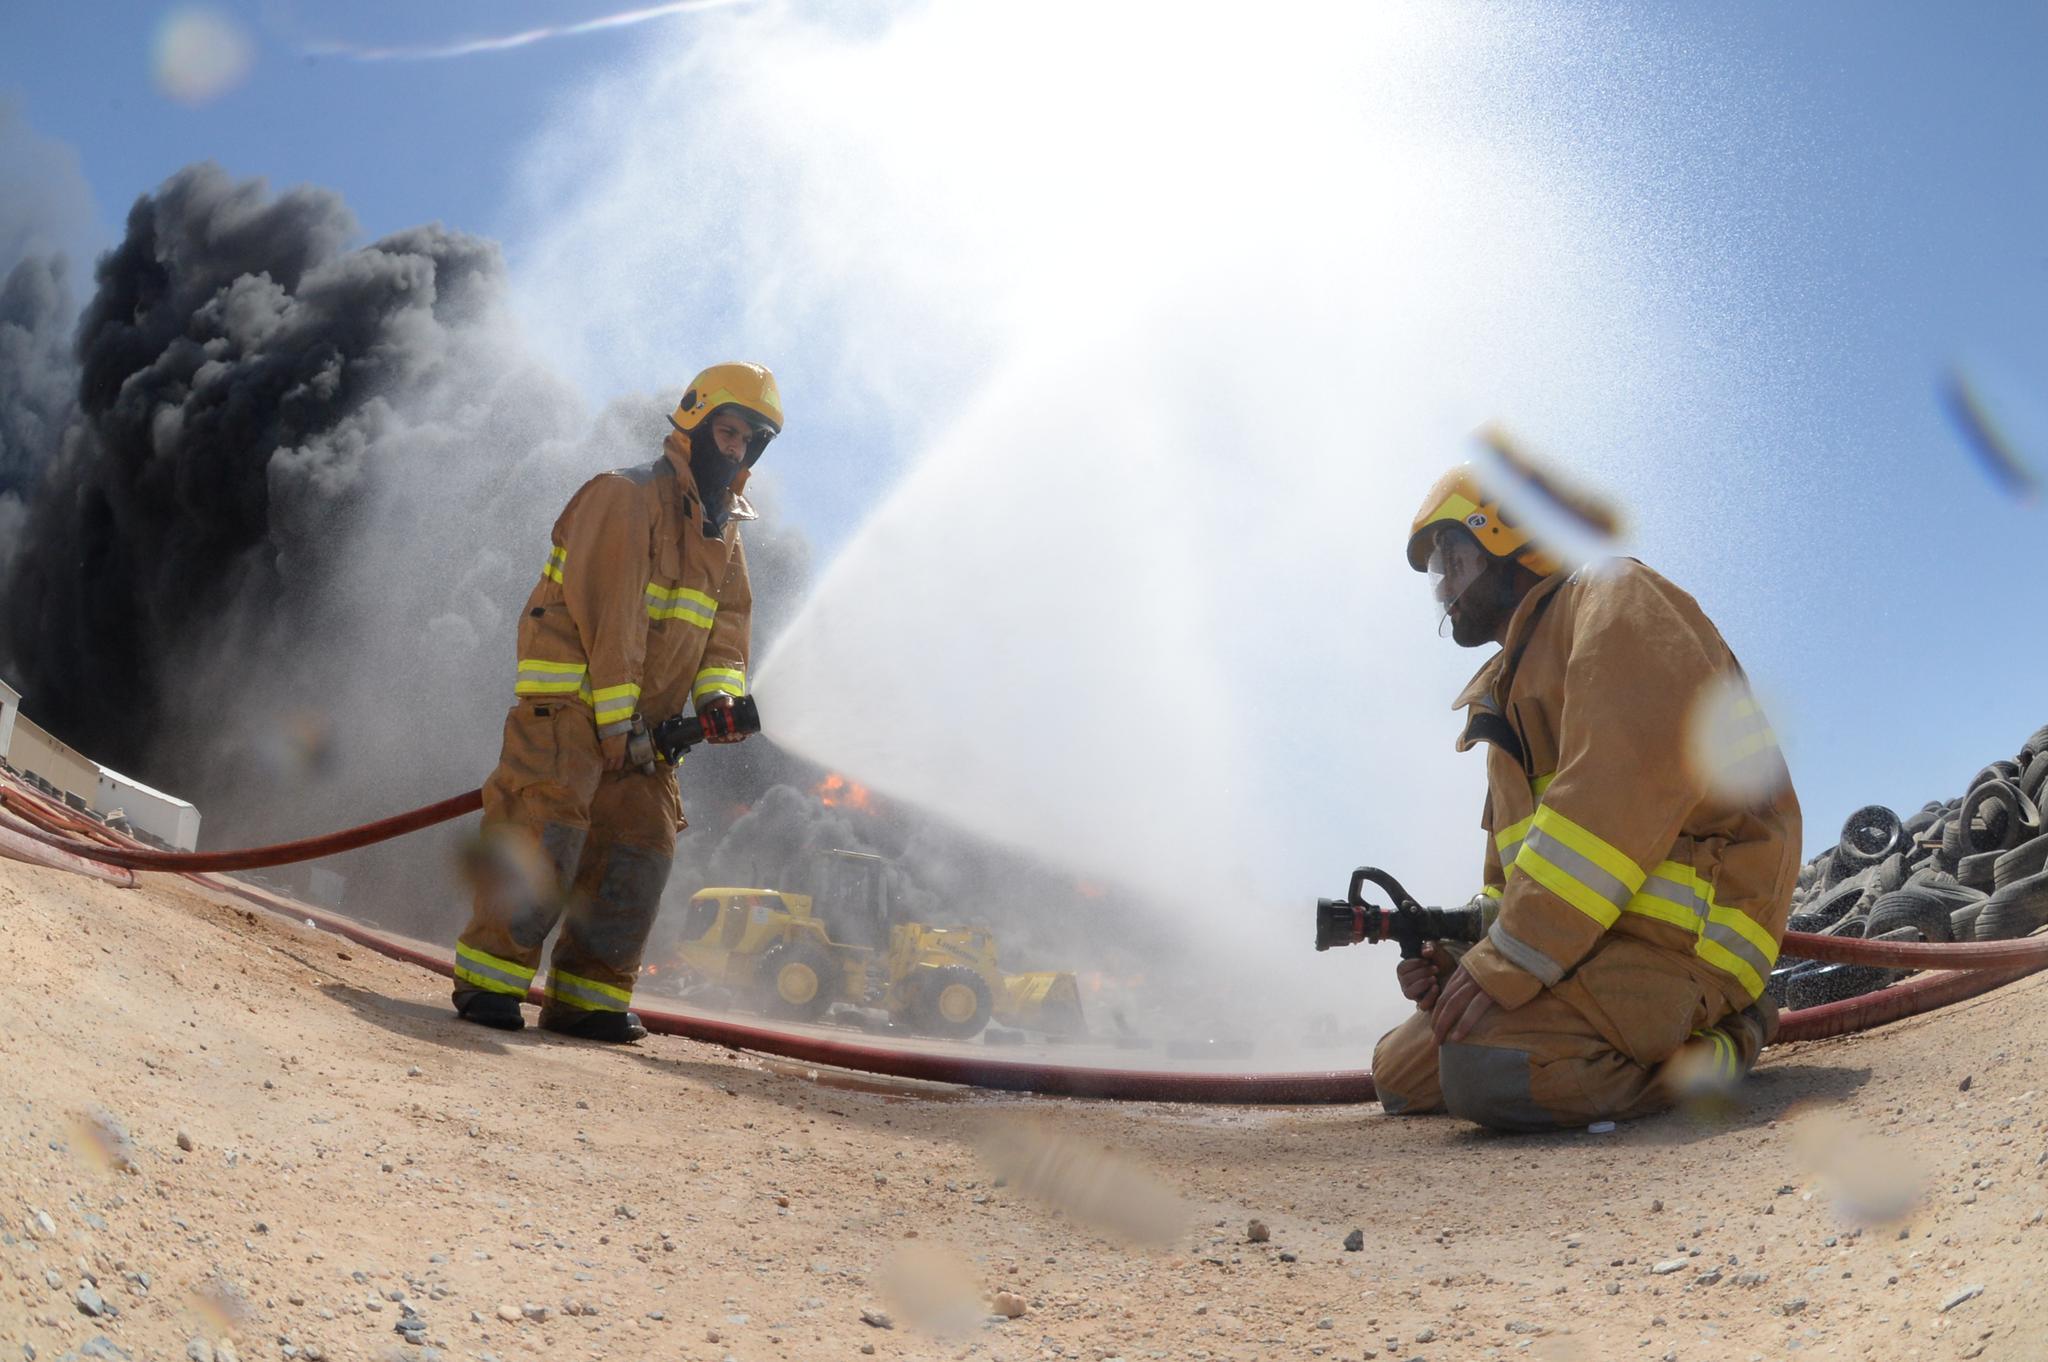 科威特一处废弃轮胎存放处发生火灾